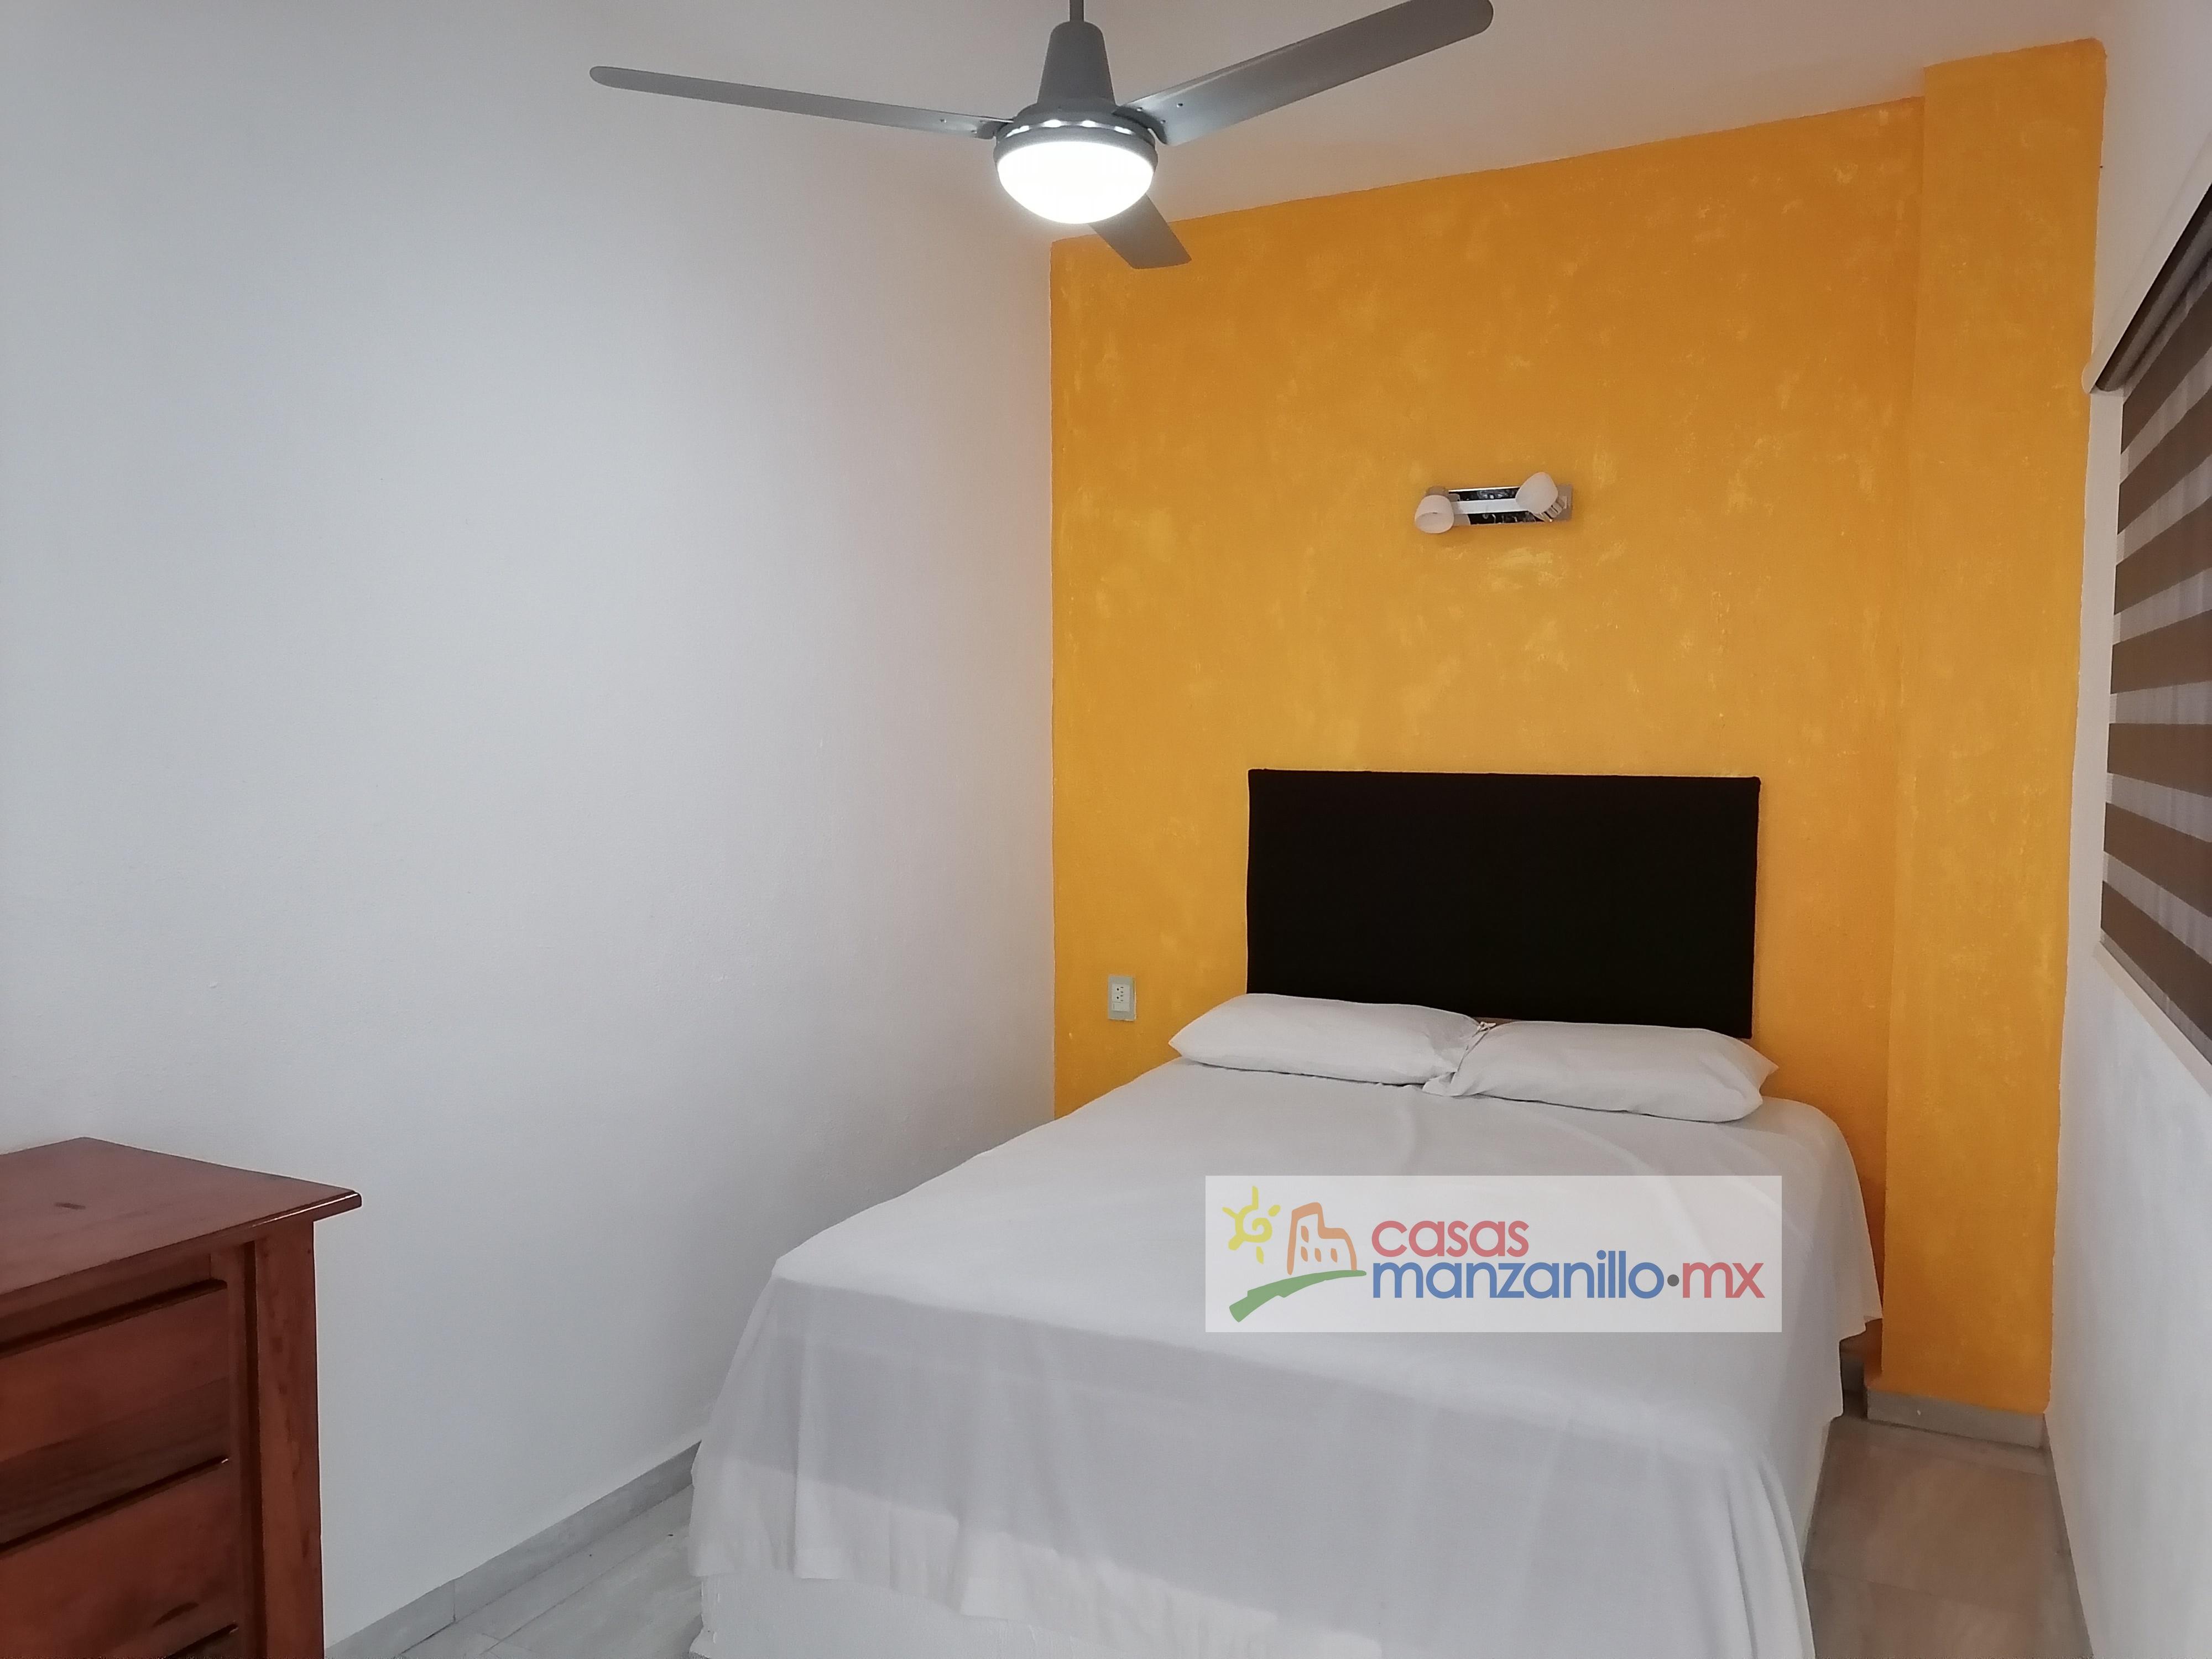 Casas RENTA Manzanillo - Salagua (17)